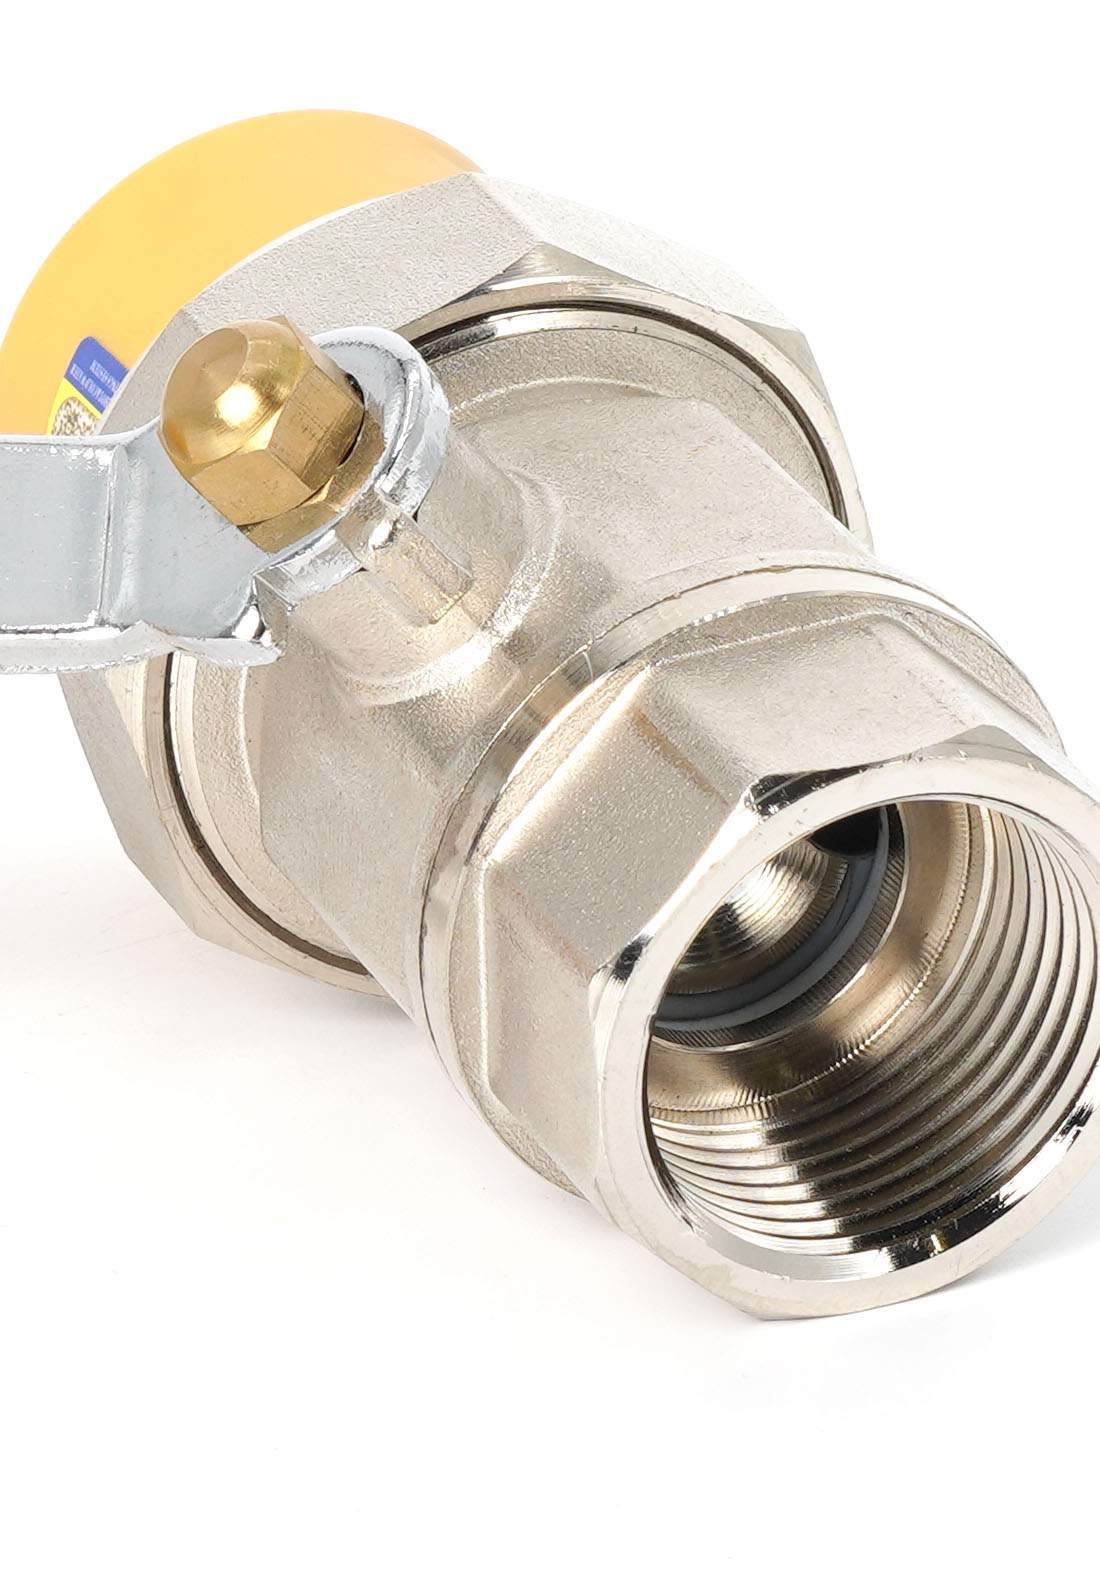 Wekts The double ion lock has an external tooth 50 mm قفل مزدوج سن خارجي لأنابيب المياه